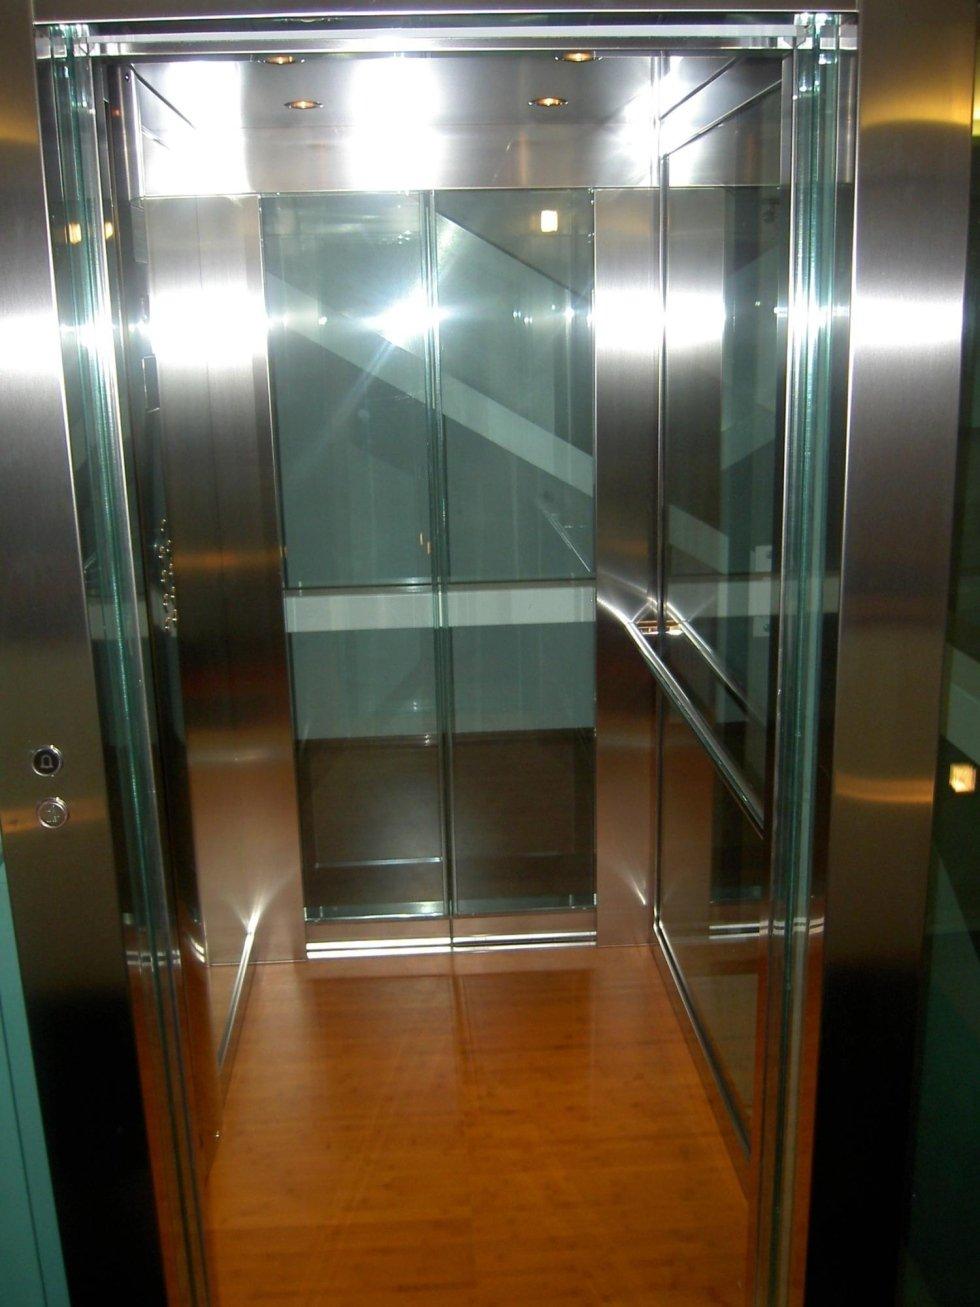 cabina di ascensore in acciaio e vetro, pavimento in legno